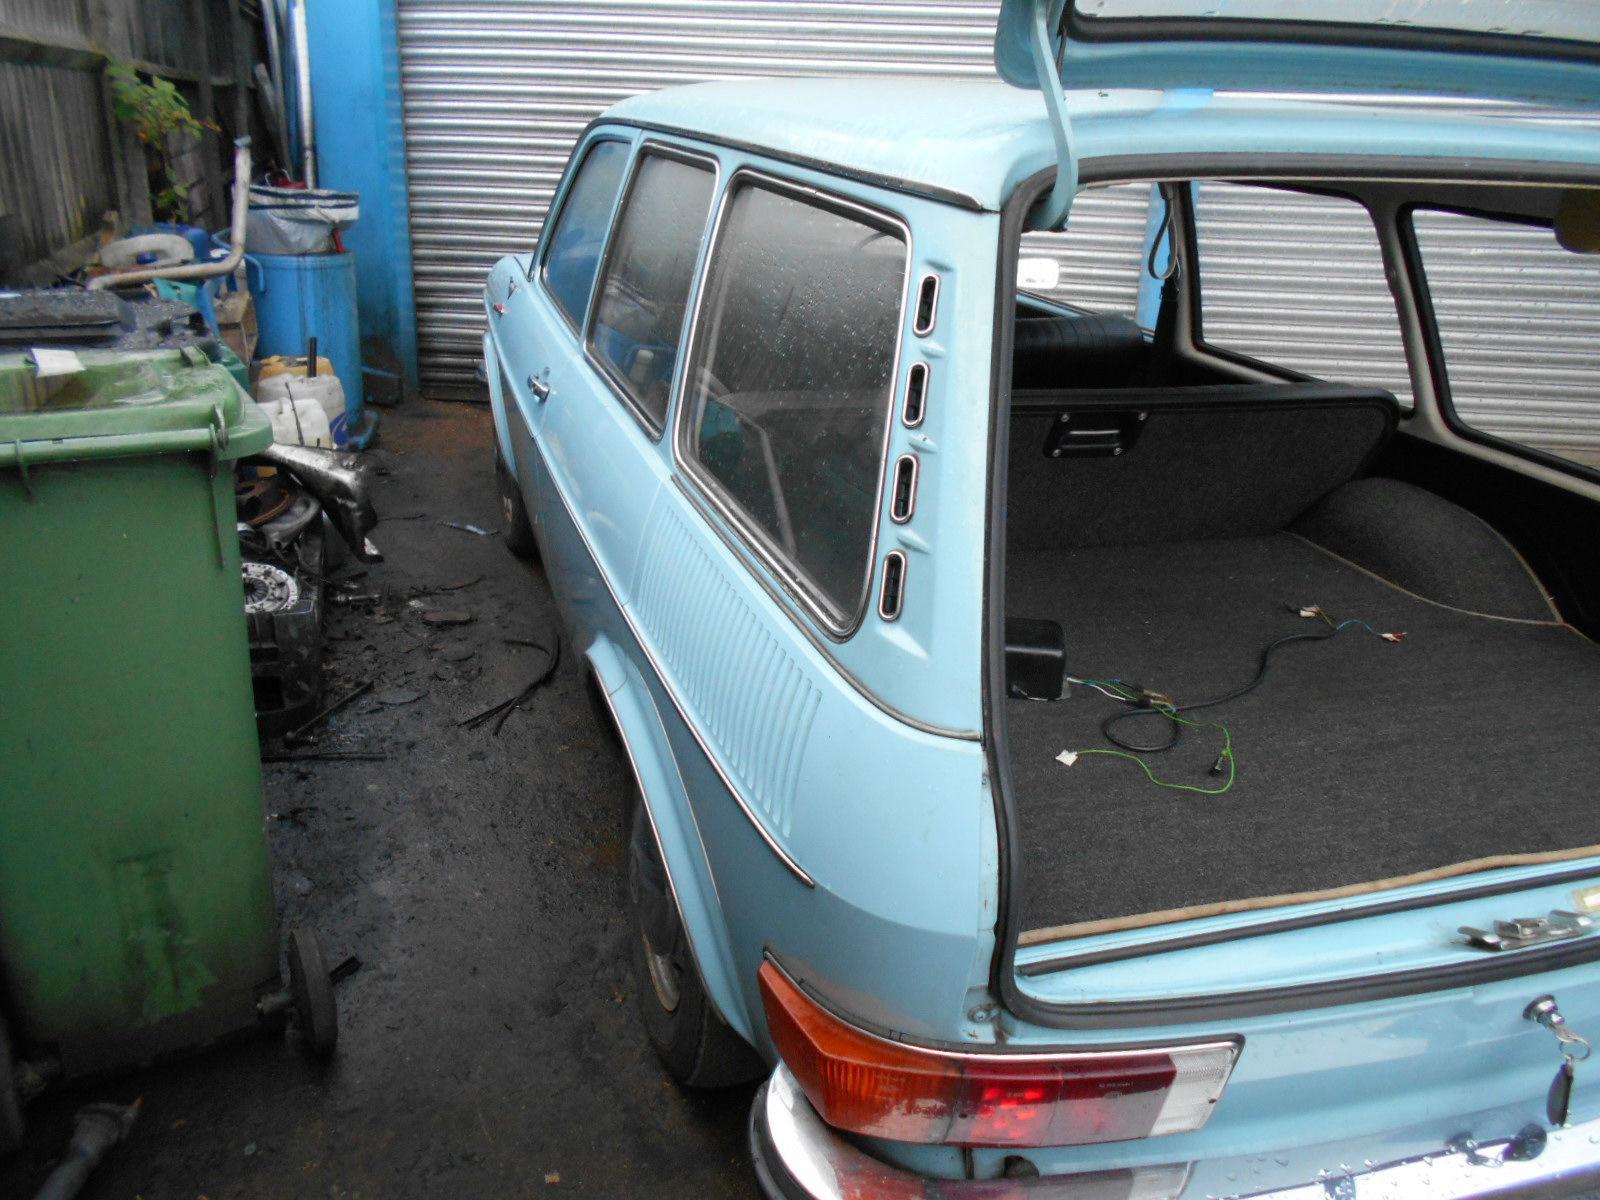 VW Variant rear passenger side.JPG